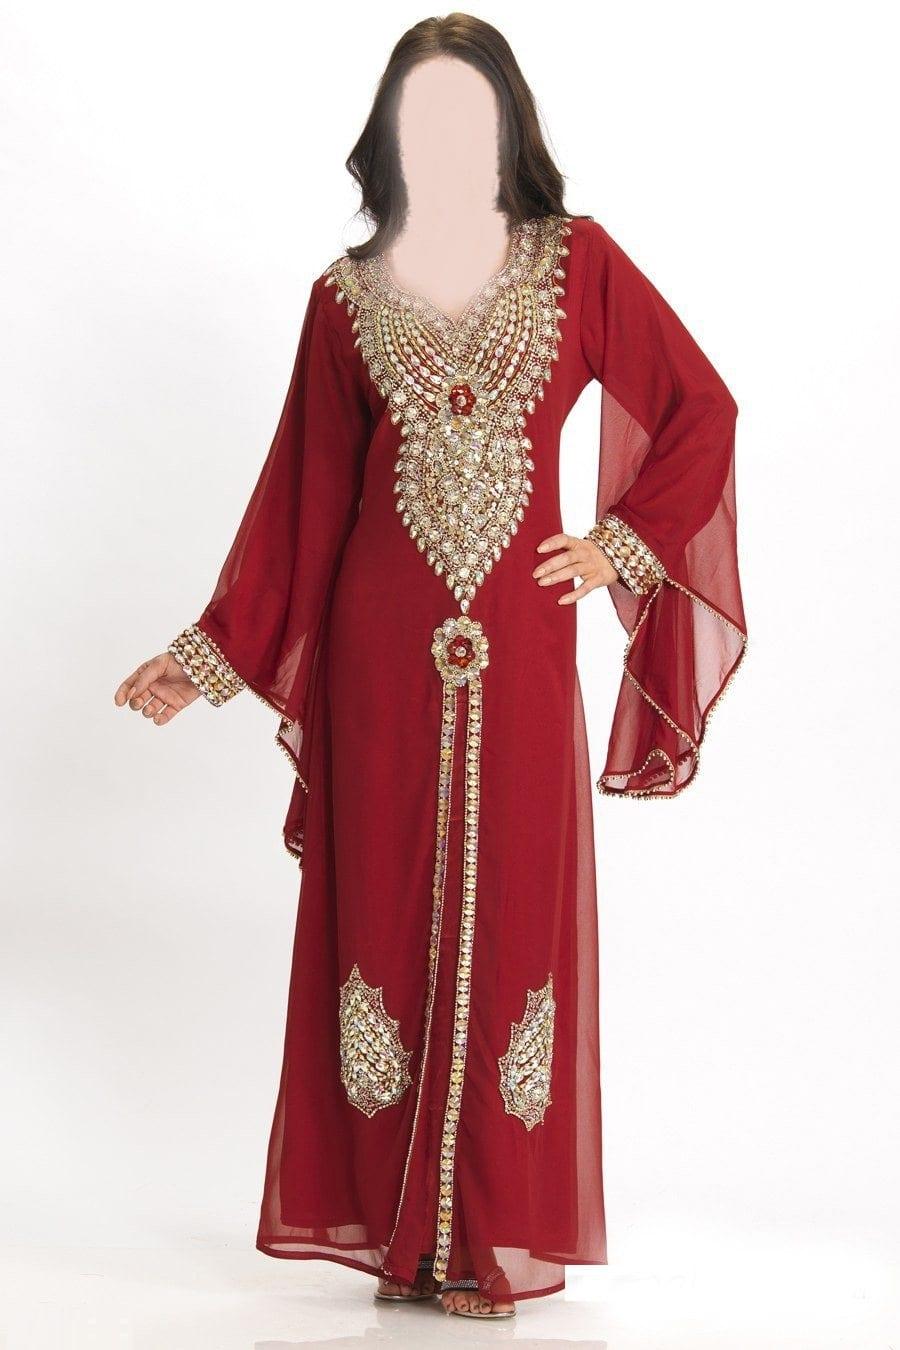 تشكيلة جميلة من القنادر الاماراتية لراس السنة 2013 - 13